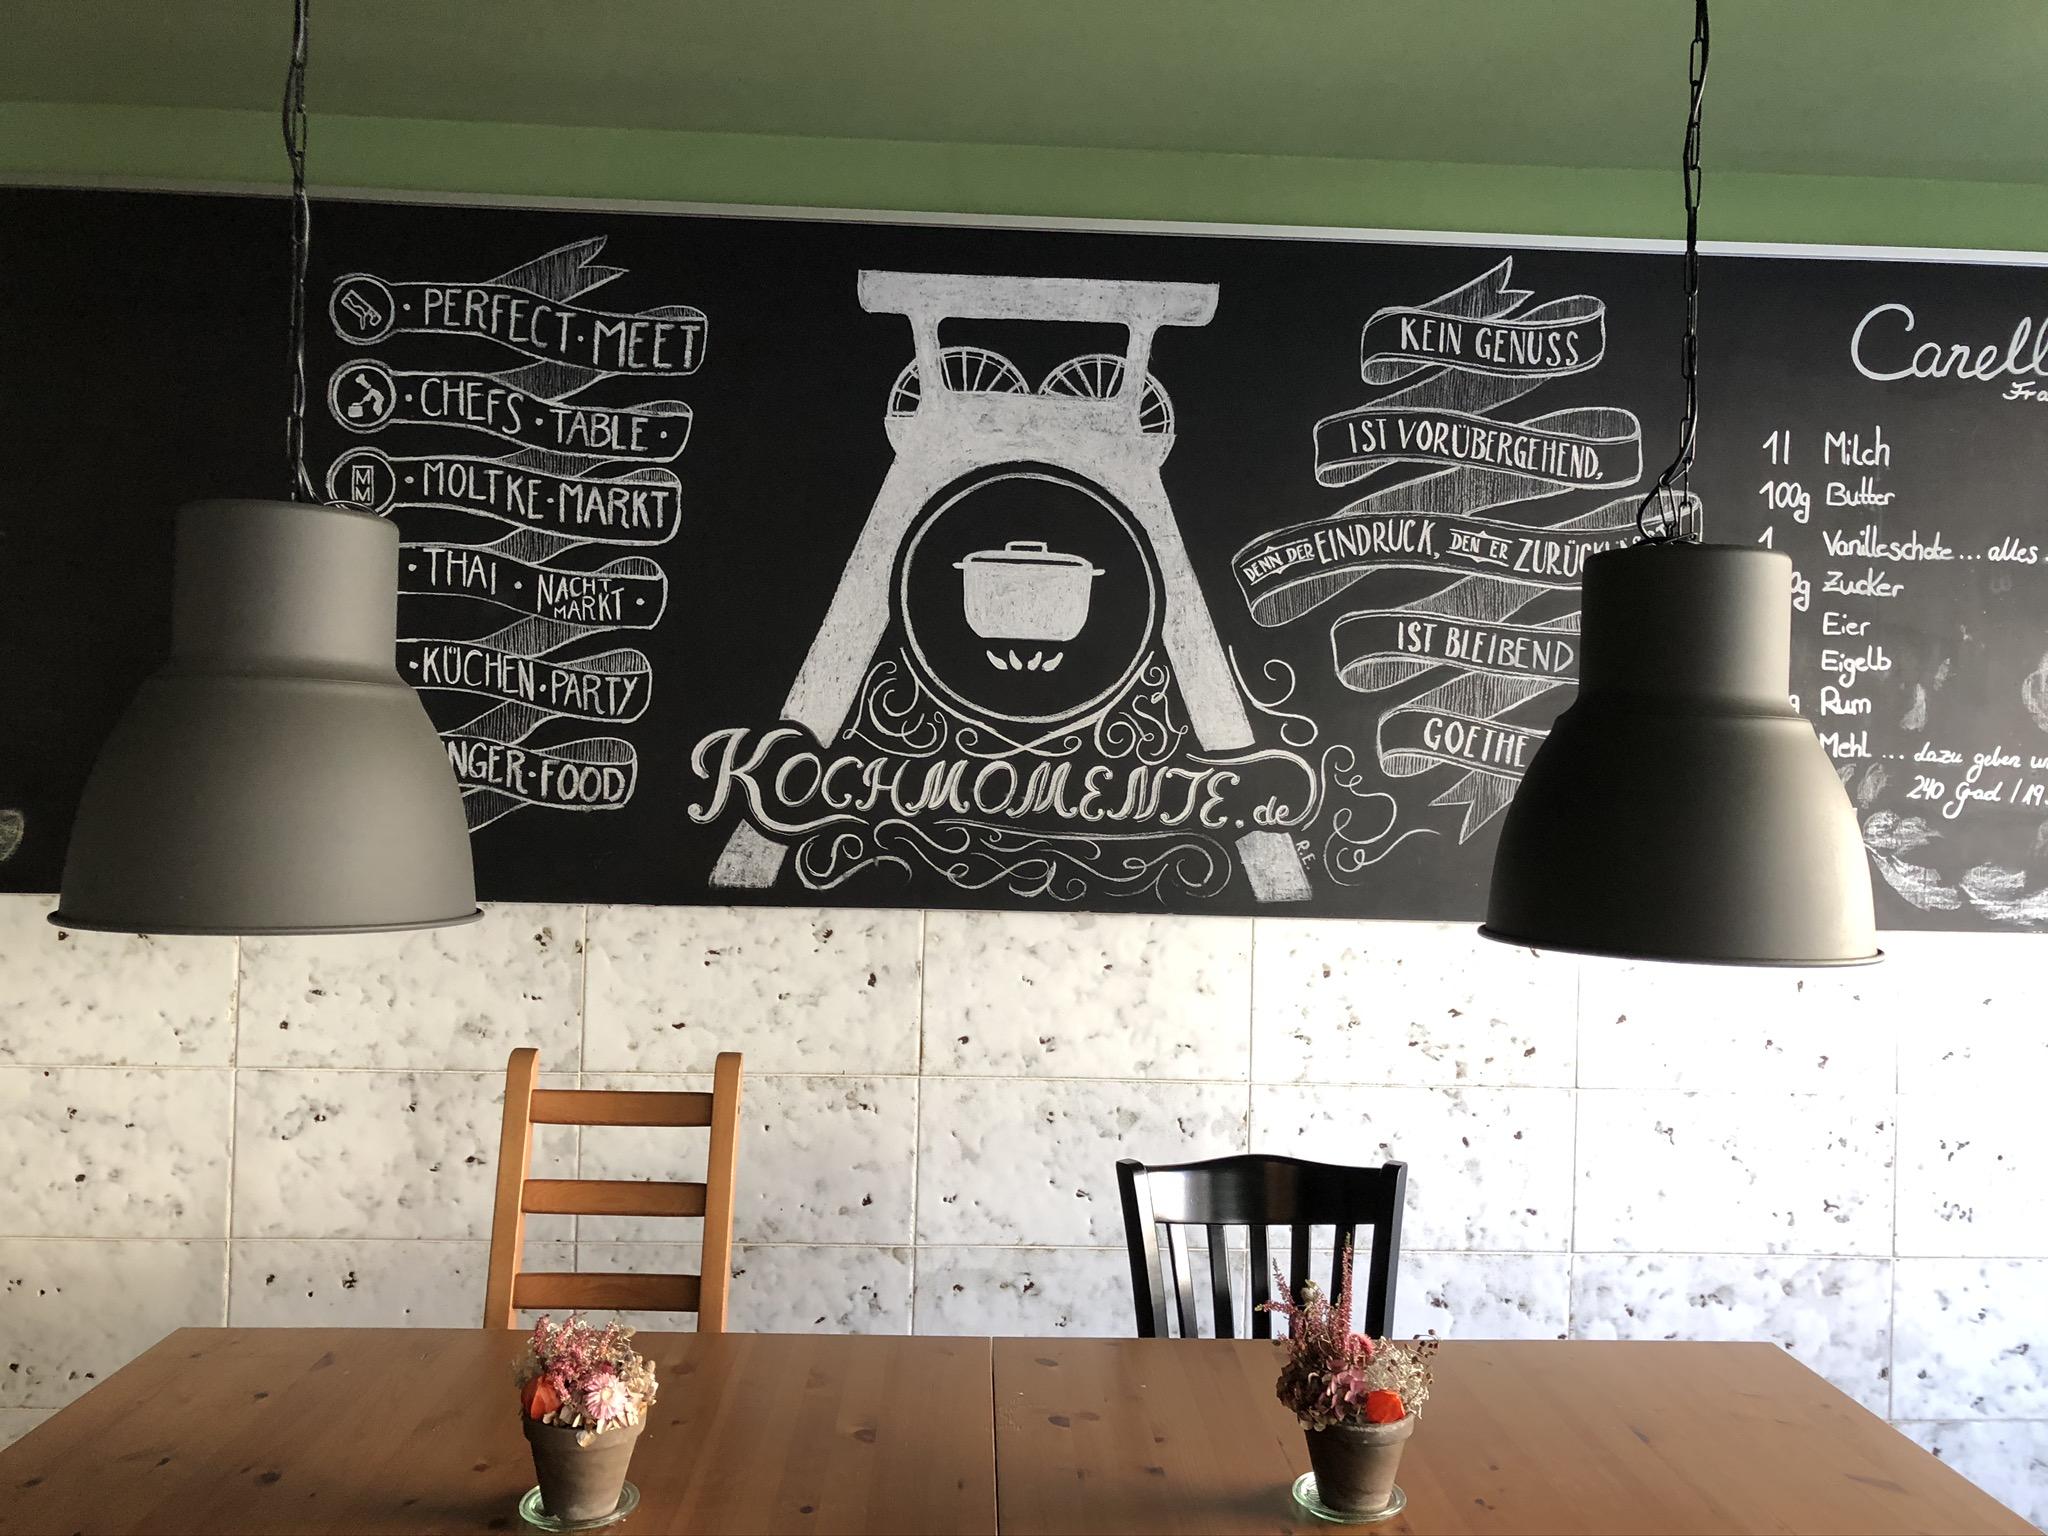 Kreidetafel in der Kochmomente Kochschule in Bochum